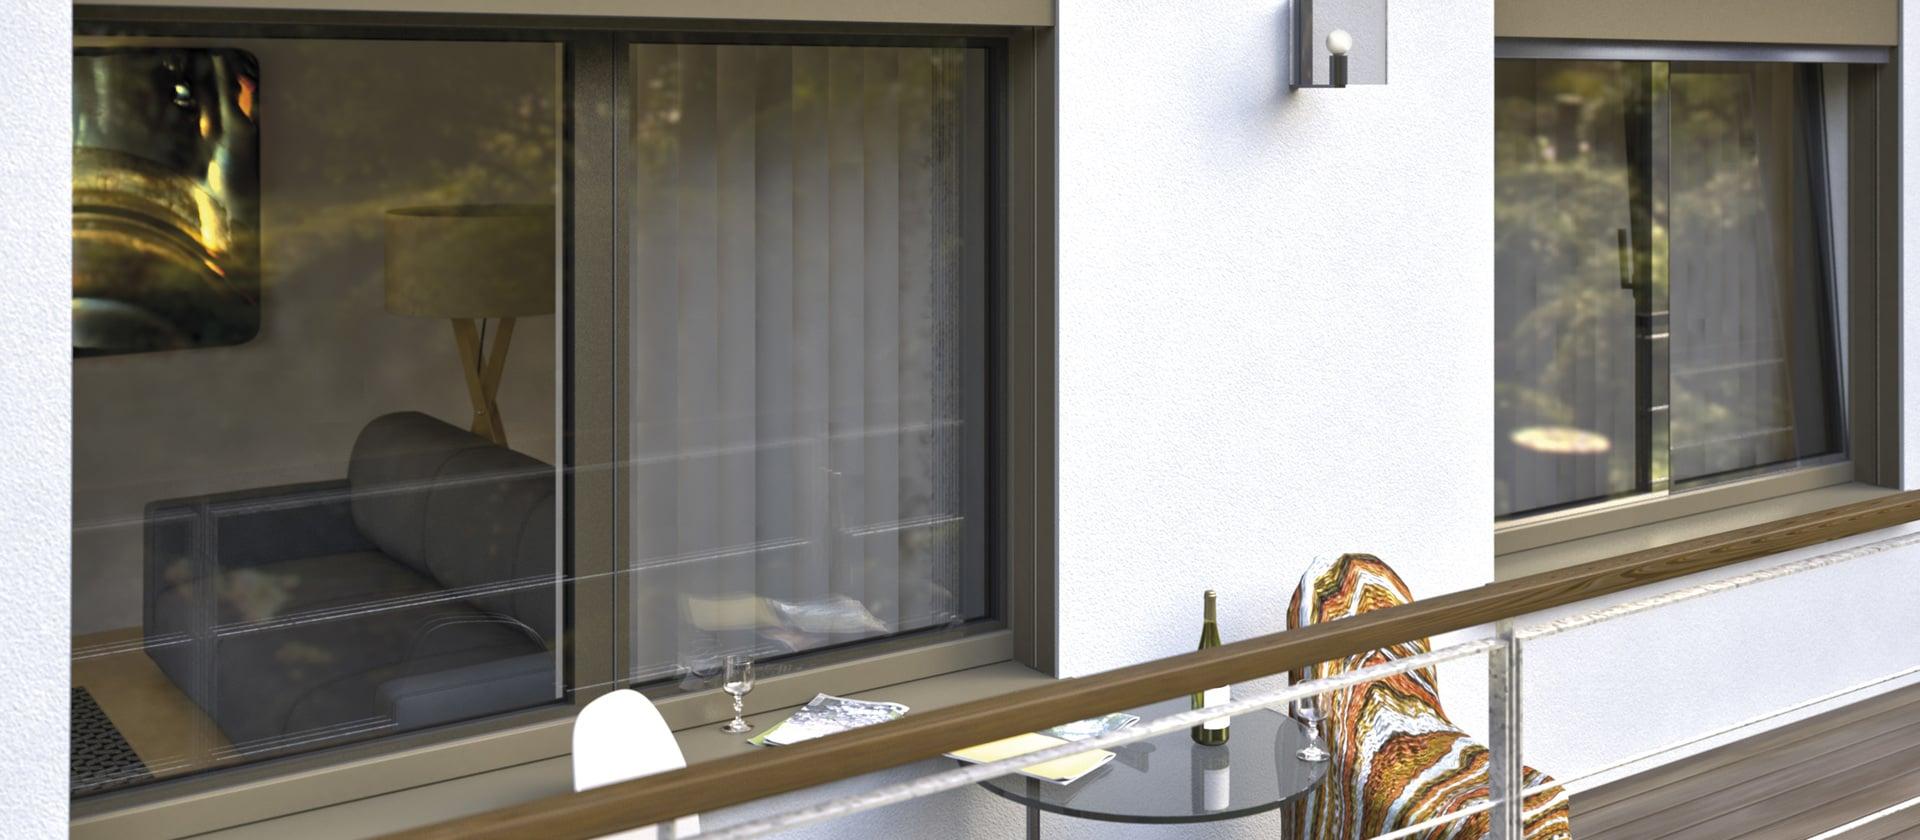 Full Size of Fenster Und Tren In Ganzglas Optik Finstral Ag Konfigurator Plissee Schüco Fototapete Nach Maß Weru Absturzsicherung Weihnachtsbeleuchtung Velux Rollo Fenster Rahmenlose Fenster